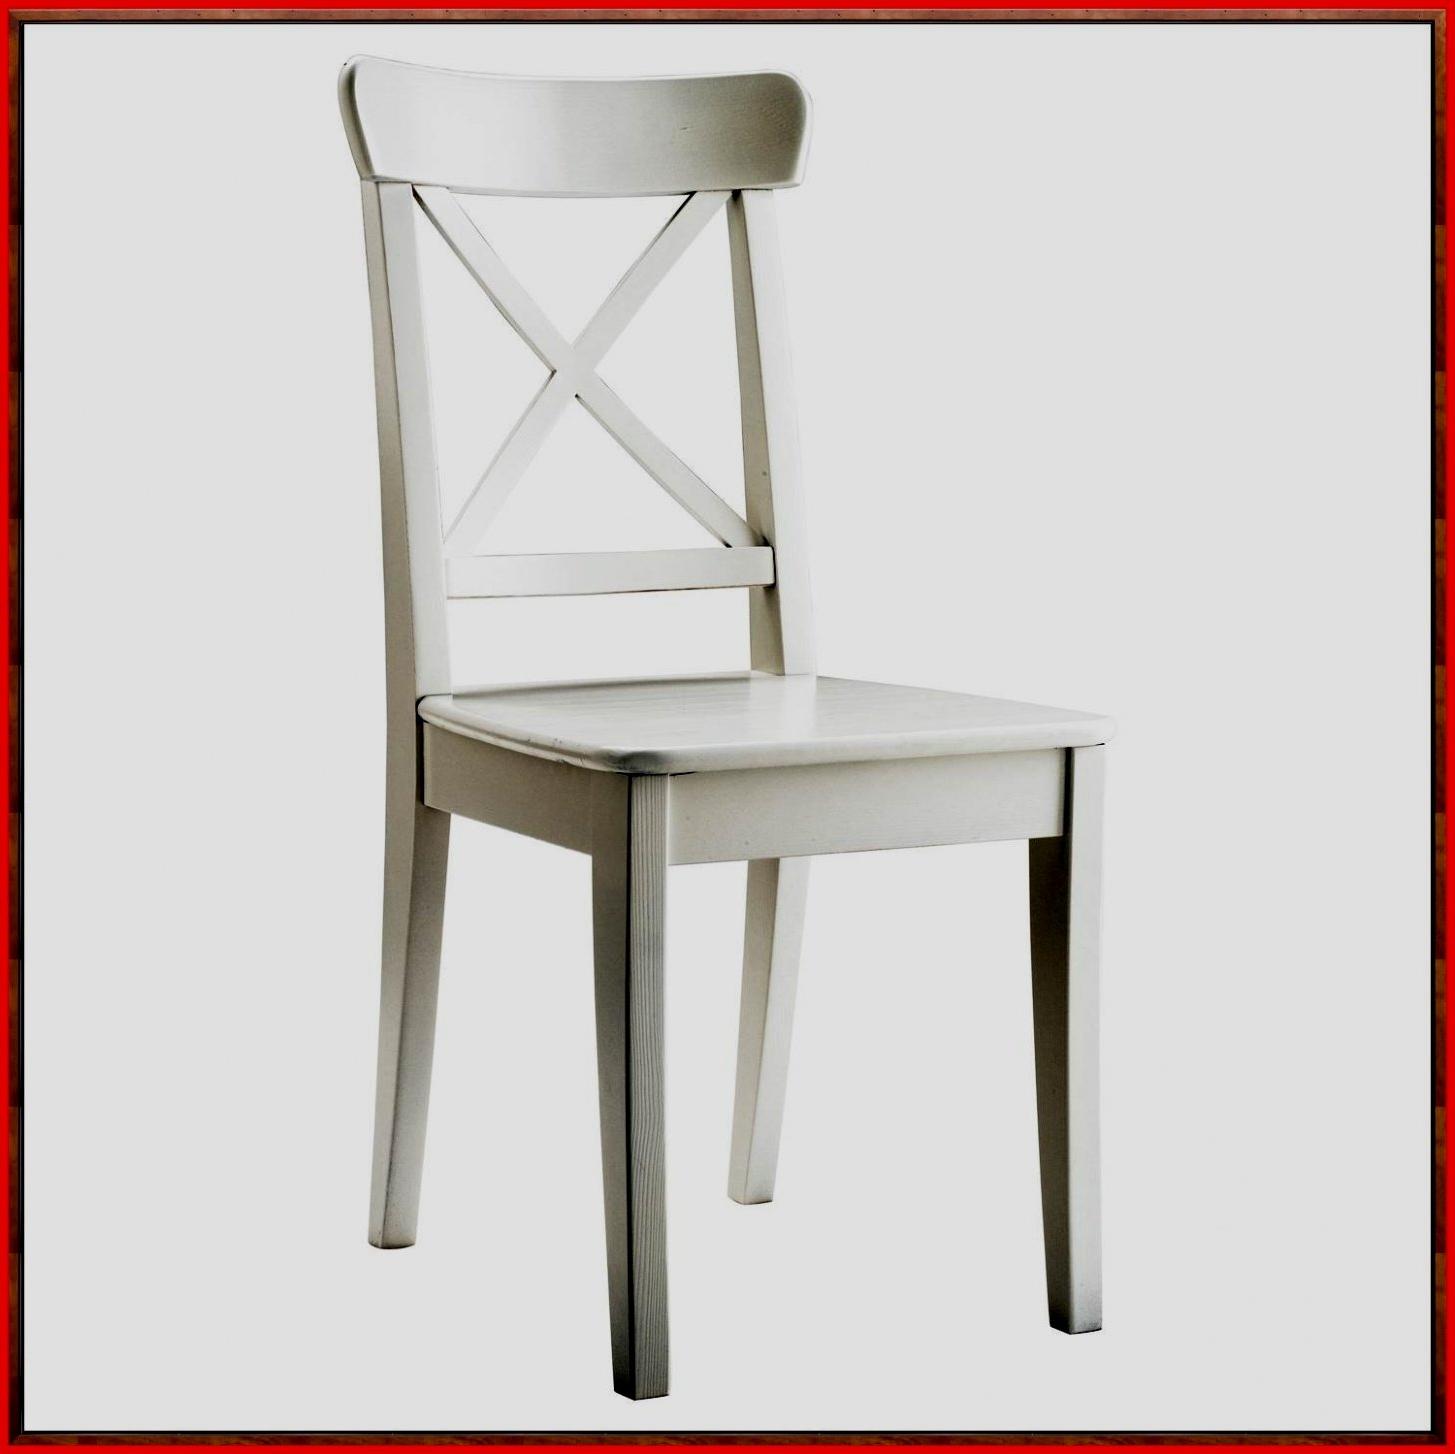 Ikea Sillas Cocina Ipdd Oferta Sillas Cocina Encantador Los Magnfico Sillas Salon Ikea Idea